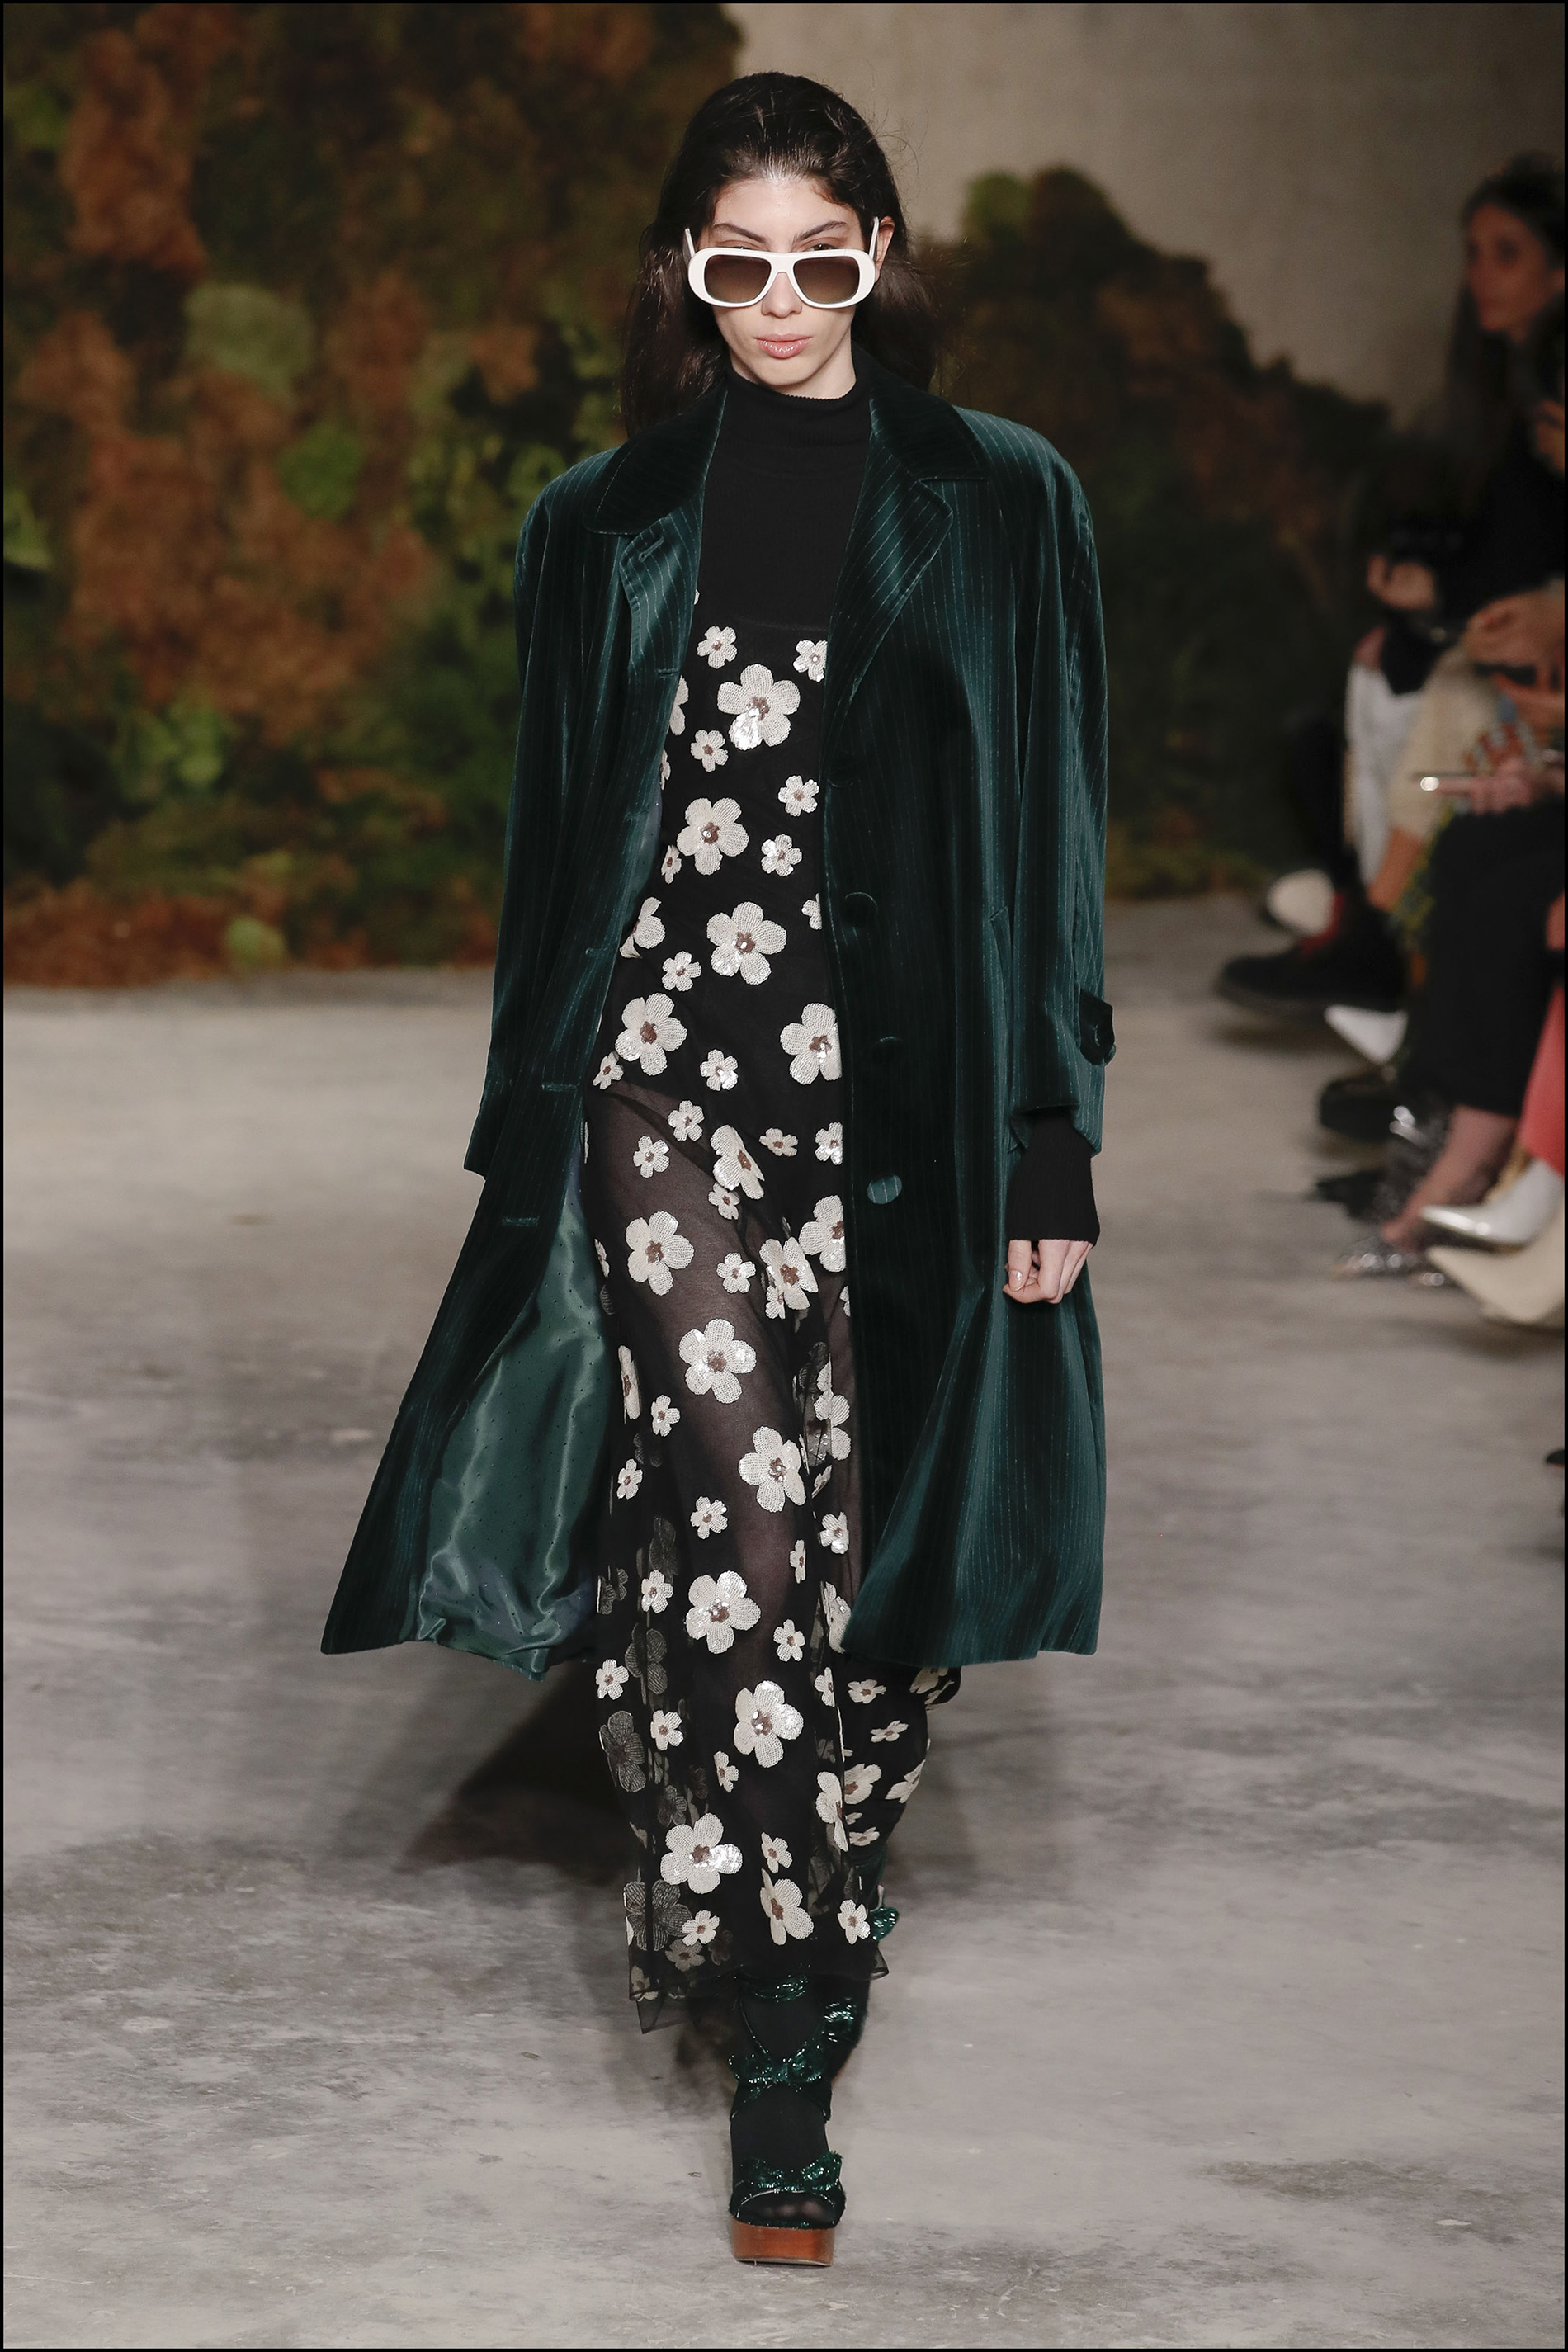 Largos vestidos con estampados de flores con tapados de terciopelo.